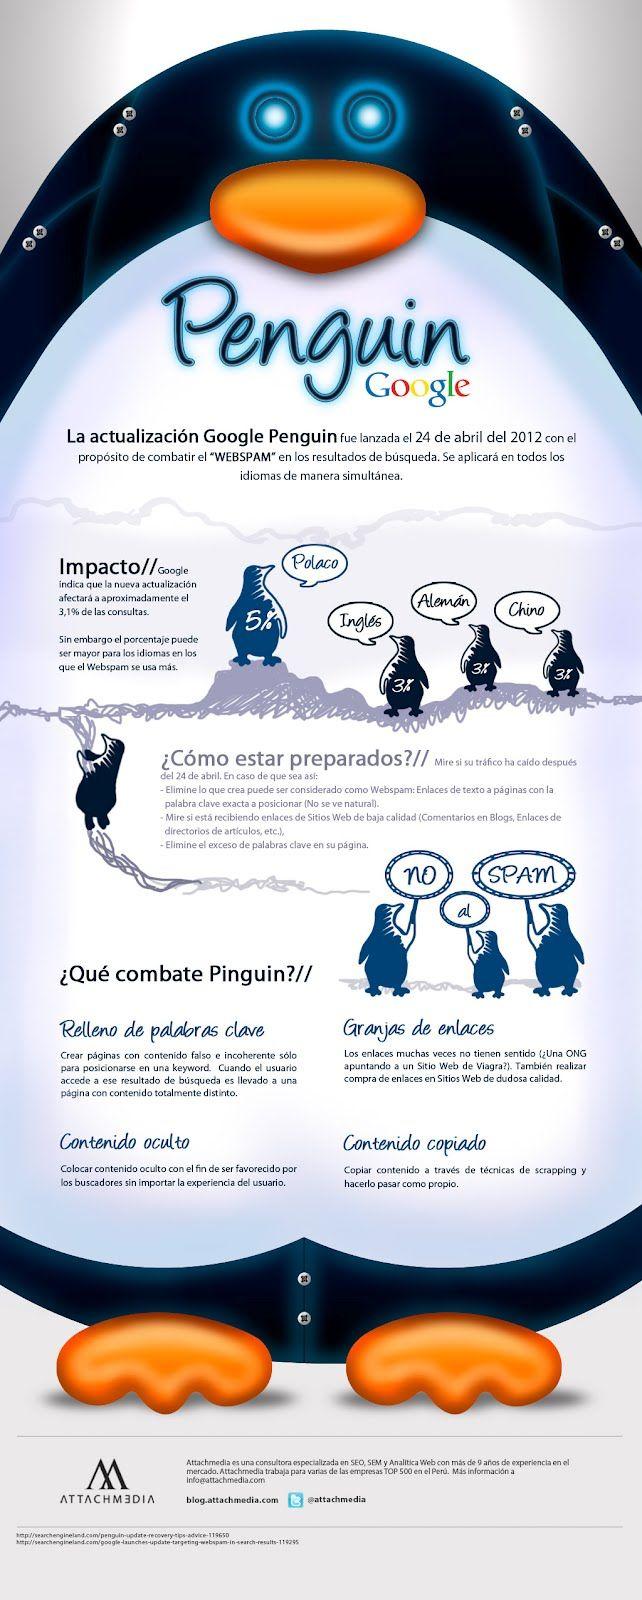 Google Penguin   #infografia #google #google-penguin  Visite nuestra web http://publistudioltda.com le explicamos como darle la bienvenida a google penguin, Publistudio ltda Diseño de Páginas Web, Posicionamiento en buscadores (seo),    produccion de videos empresariales, fotografía profesional e impresión digital.